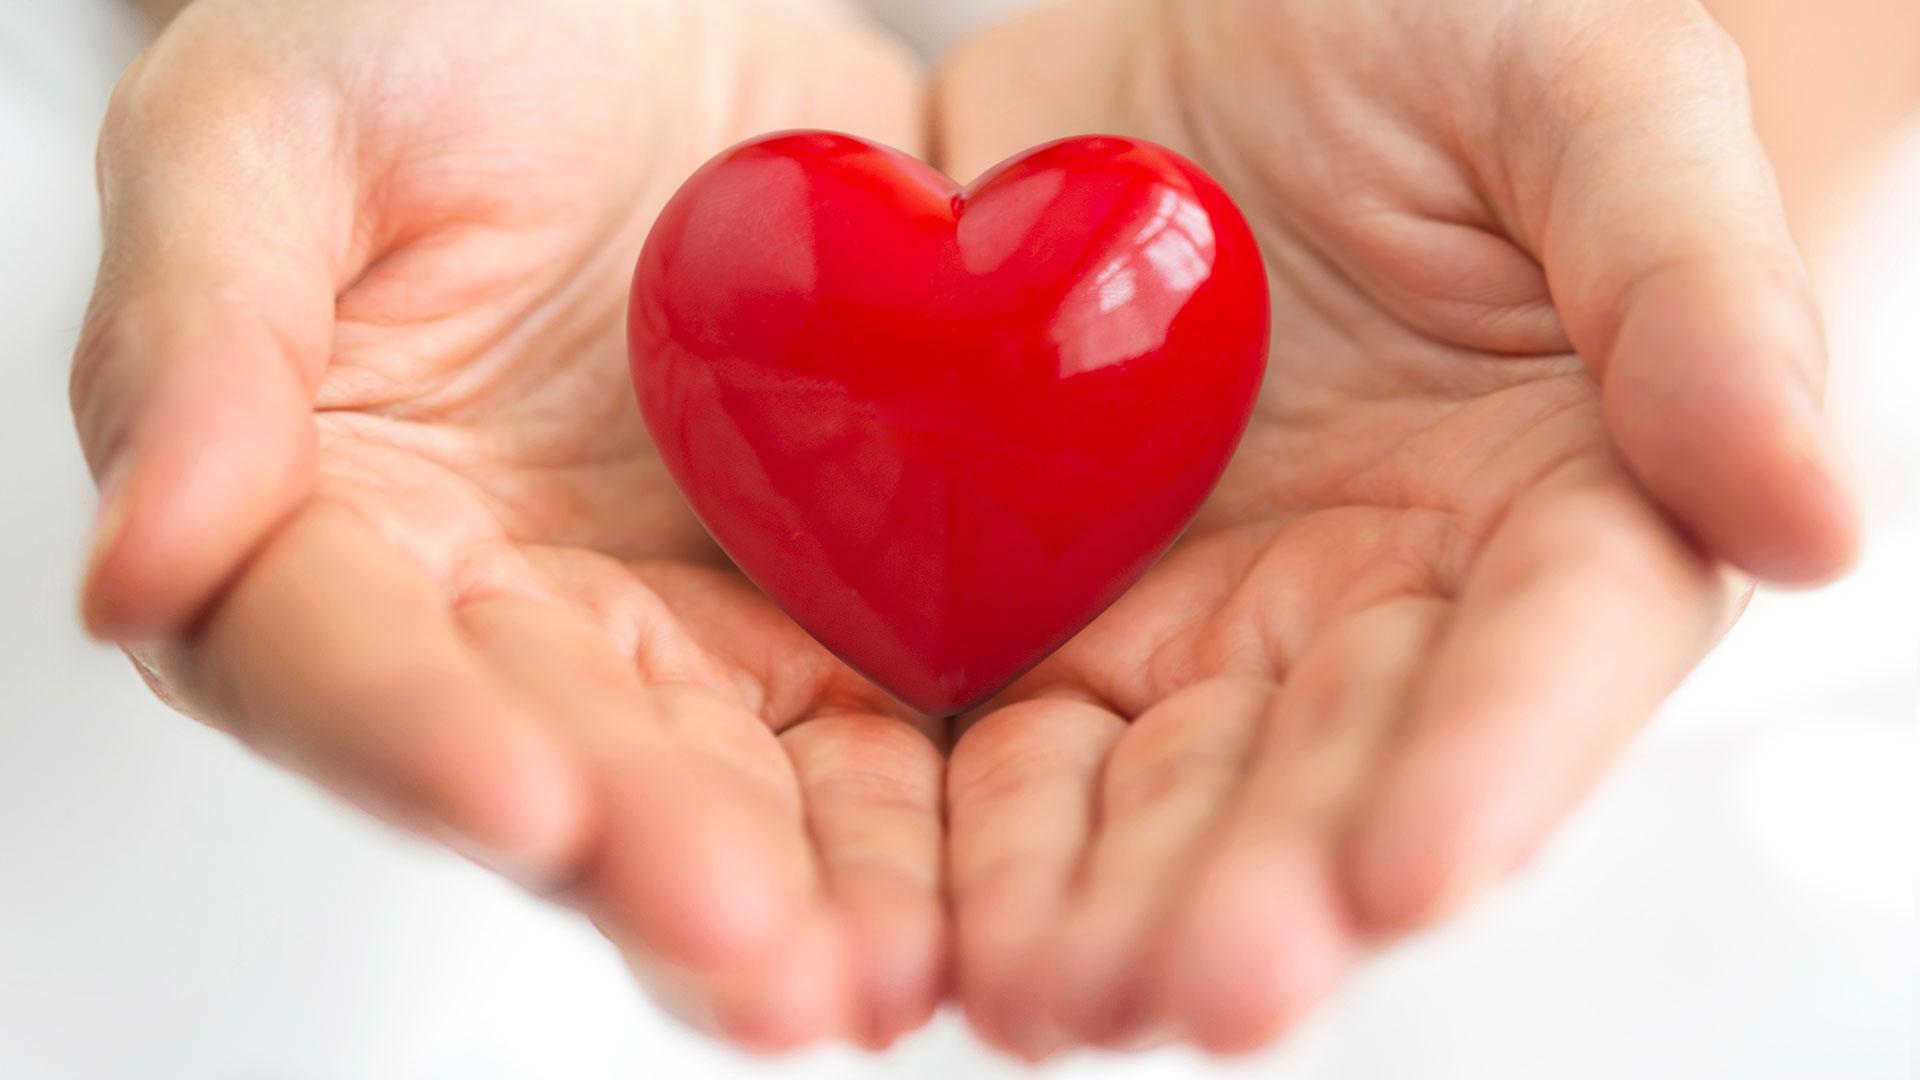 Se sugiere realizar un chequeo cardíaco preventivo anual (Getty)